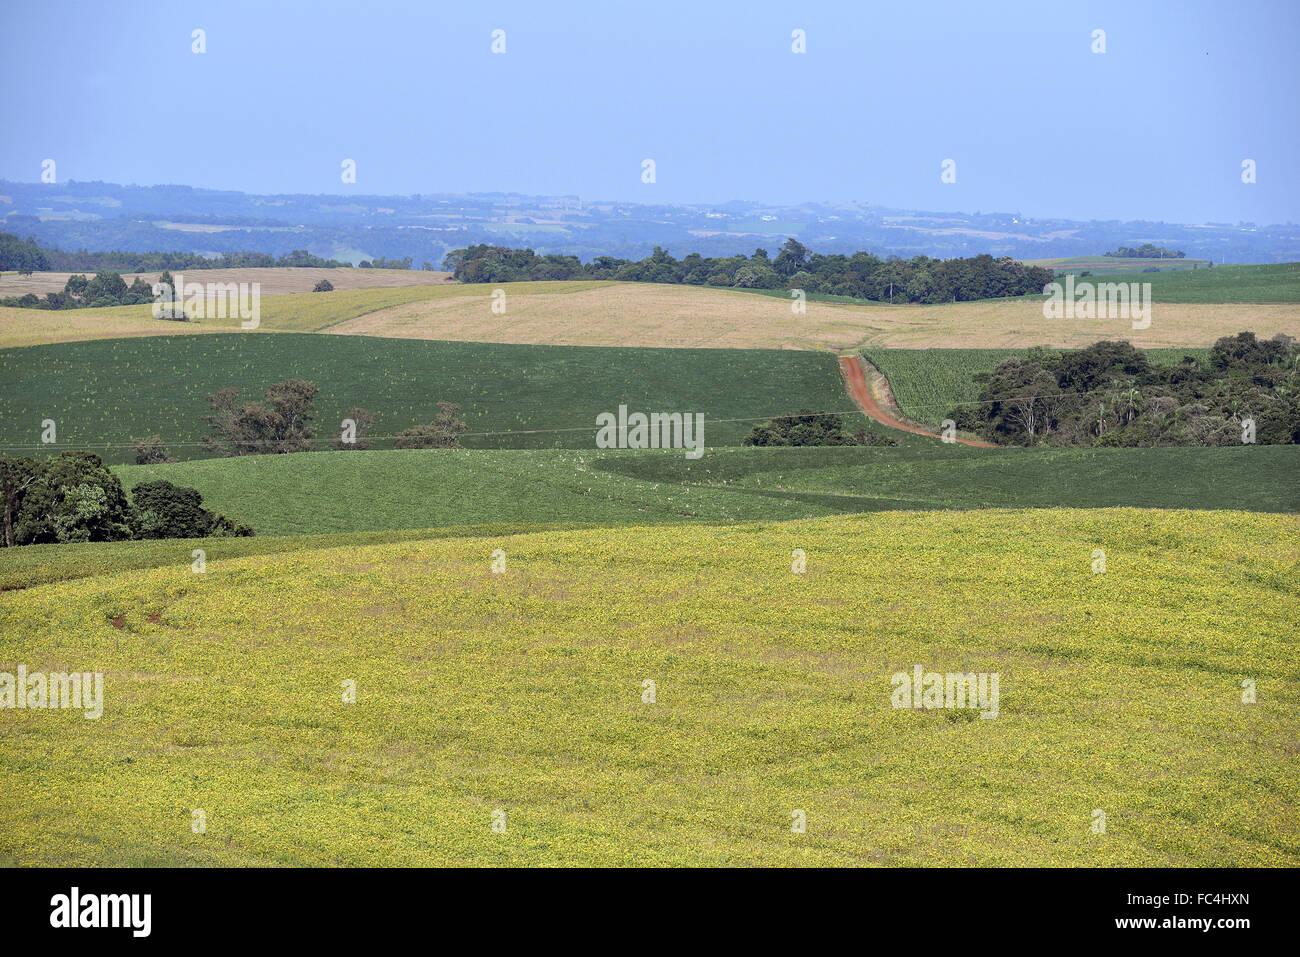 Plantação de soja na zona rural - Stock Image